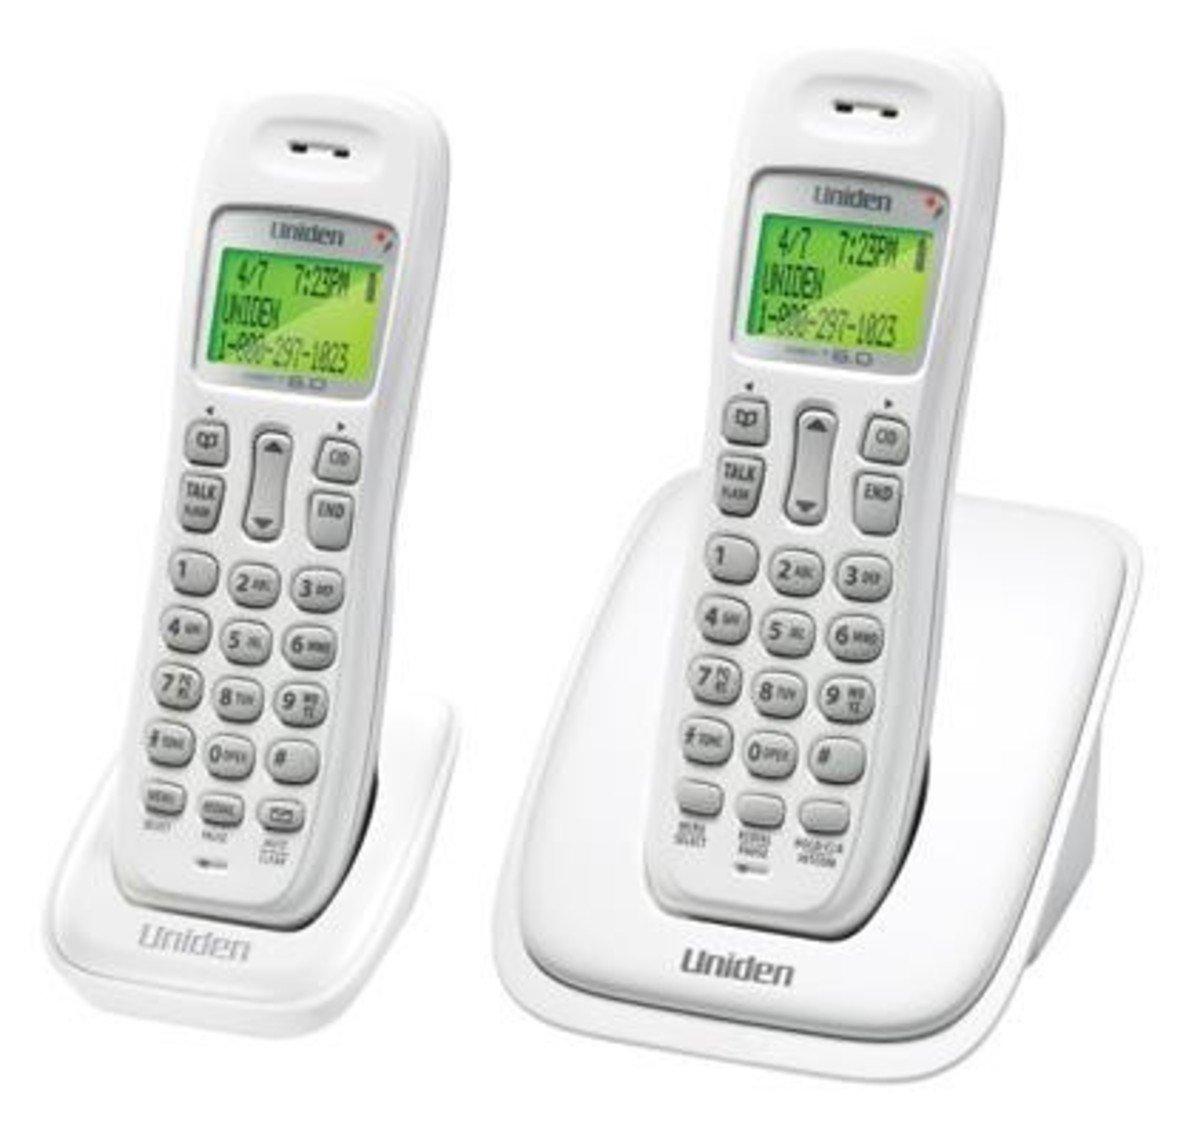 Uniden日本來電顯示室內數碼無線電話 , AS1001-2 白色